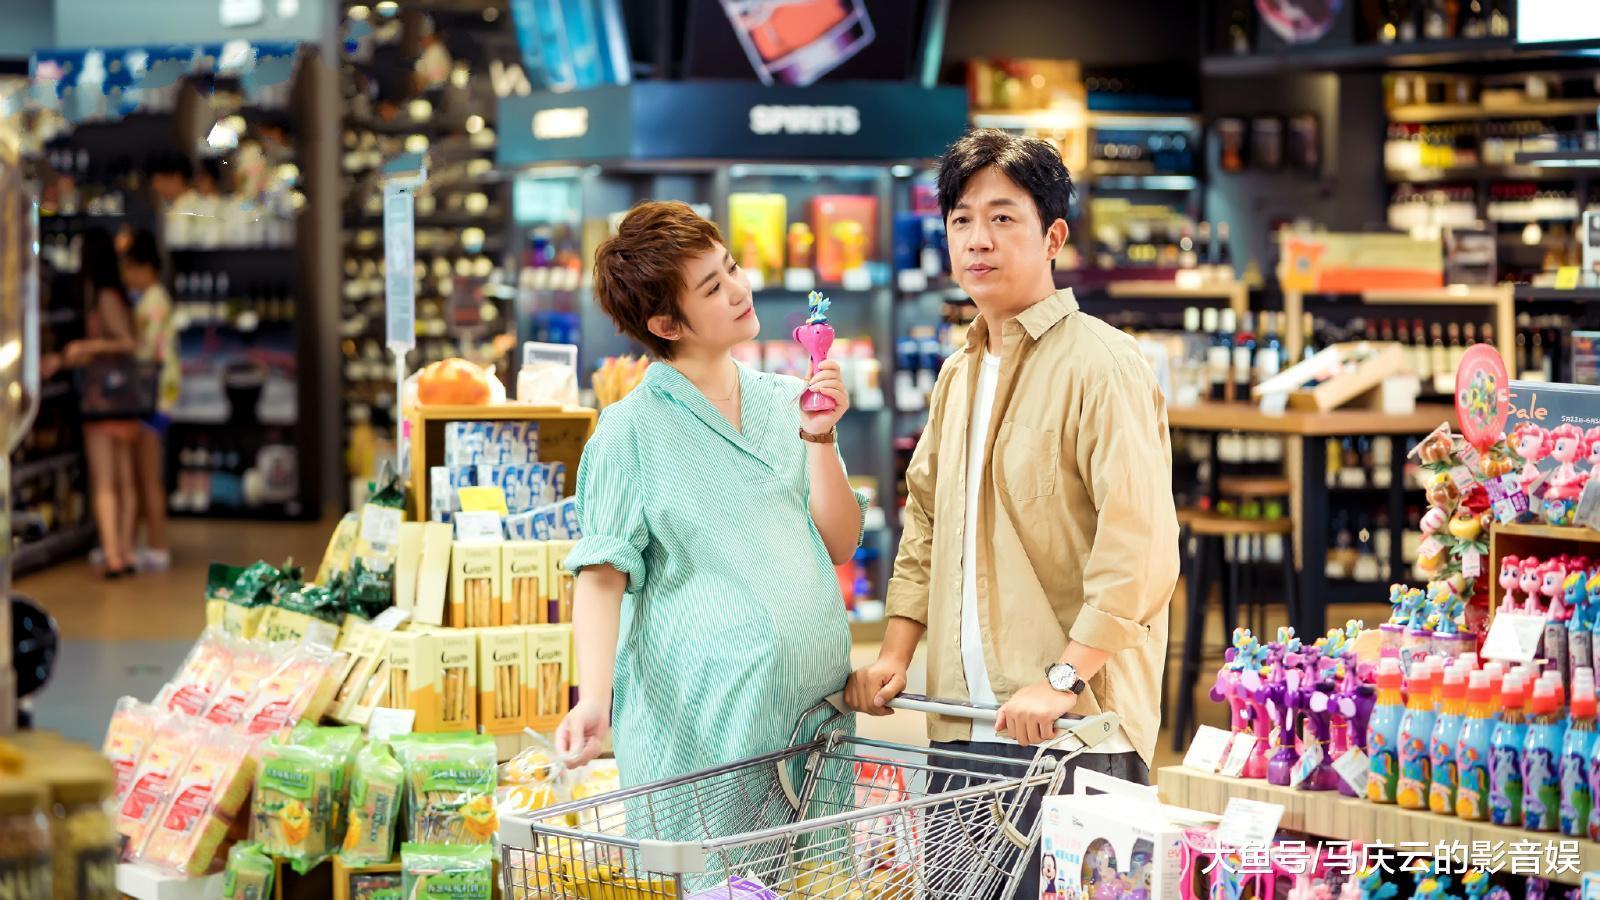 《逆流而上的你》定档湖南卫视, 开心麻花马丽翻身演辣妈